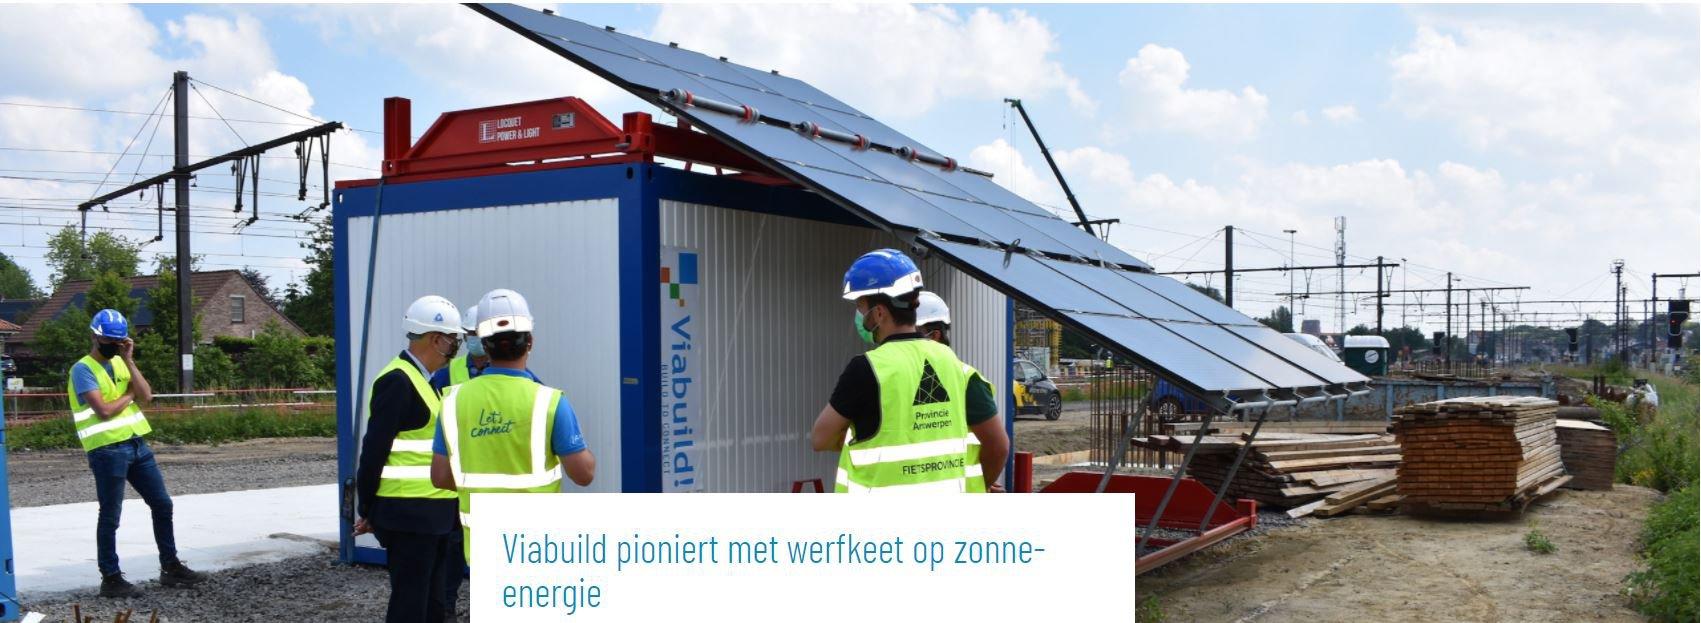 Viabuild pioniert met werfkeet op zonne-energie.JPG